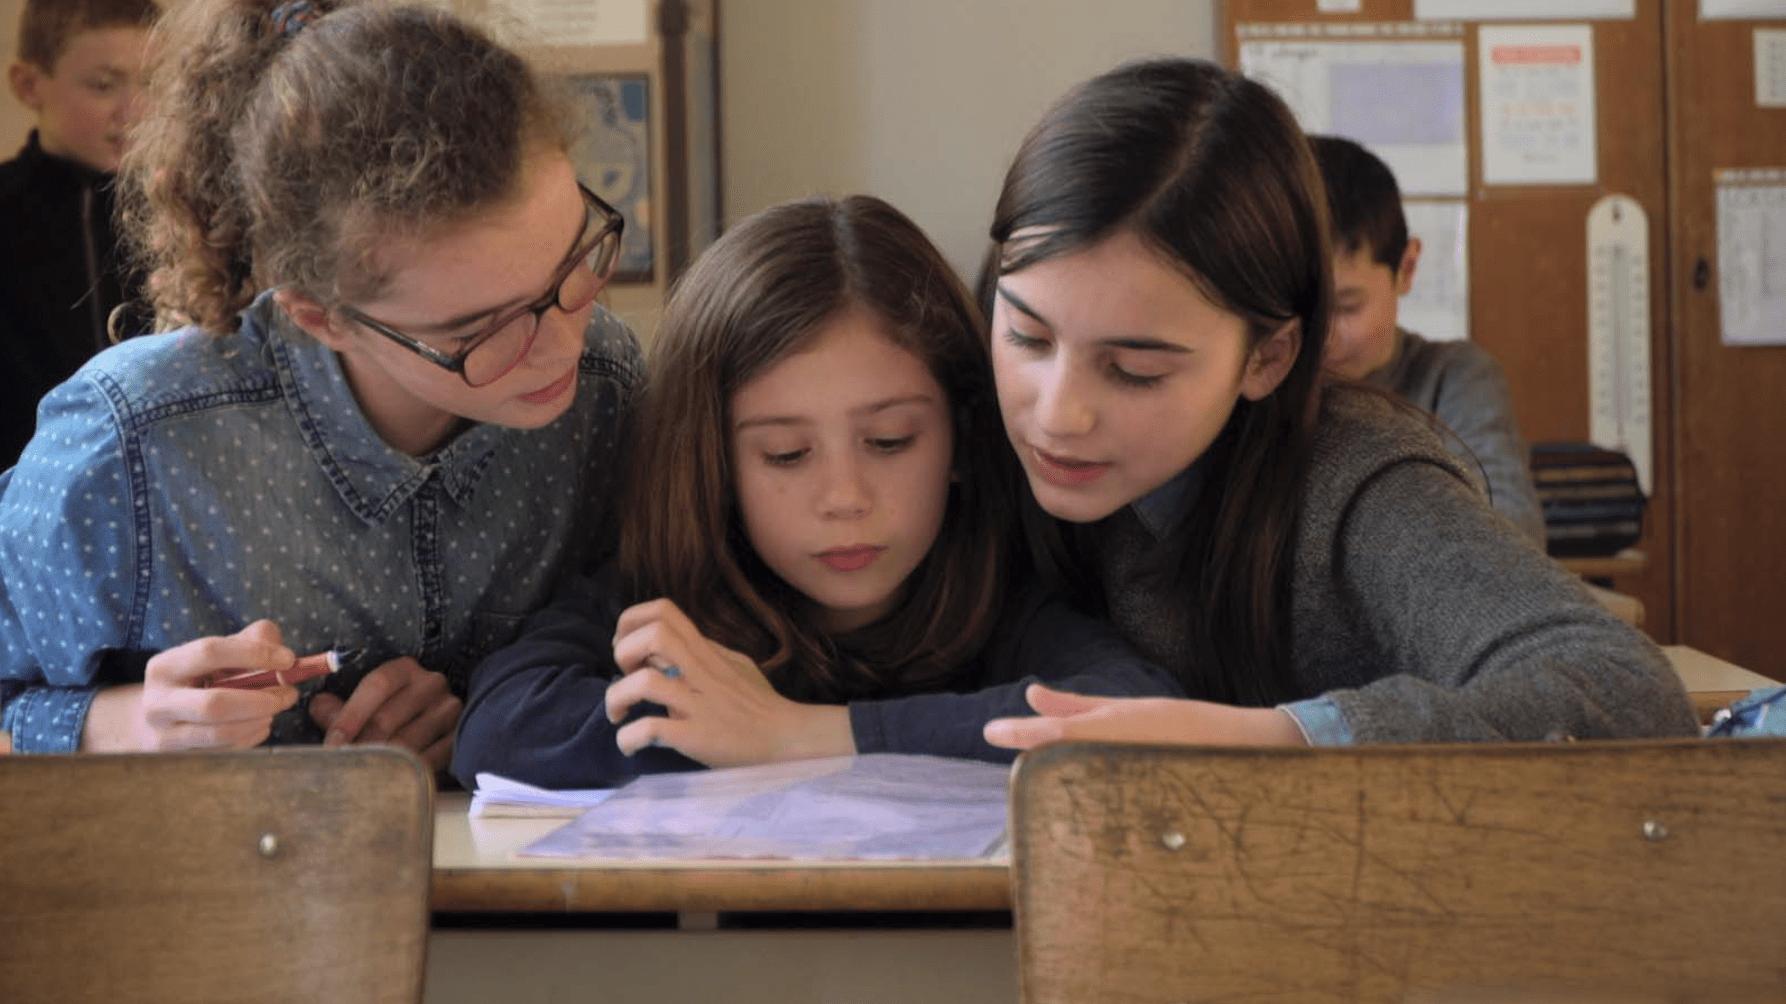 Écoliers, la jolie photo d'une classe de Caen par Bruno Romy